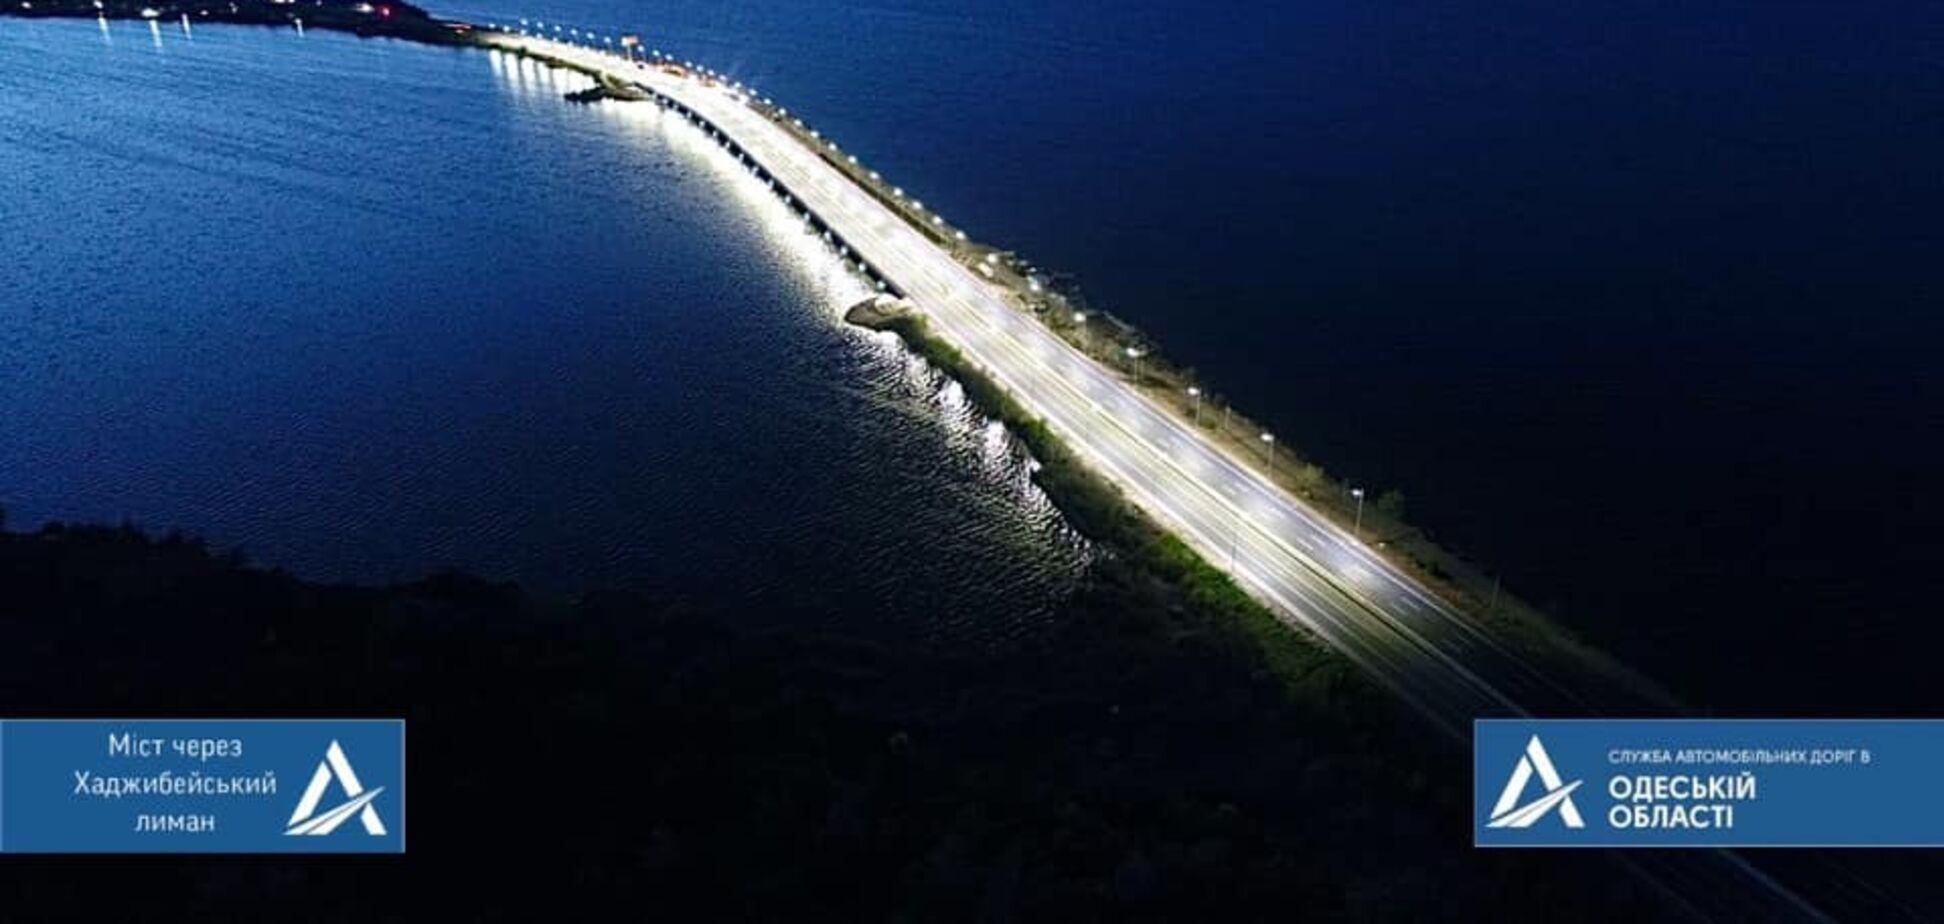 Вогні 'Великого будівництва': в Укравтодорі показали нічний міст через Хаджибейський лиман